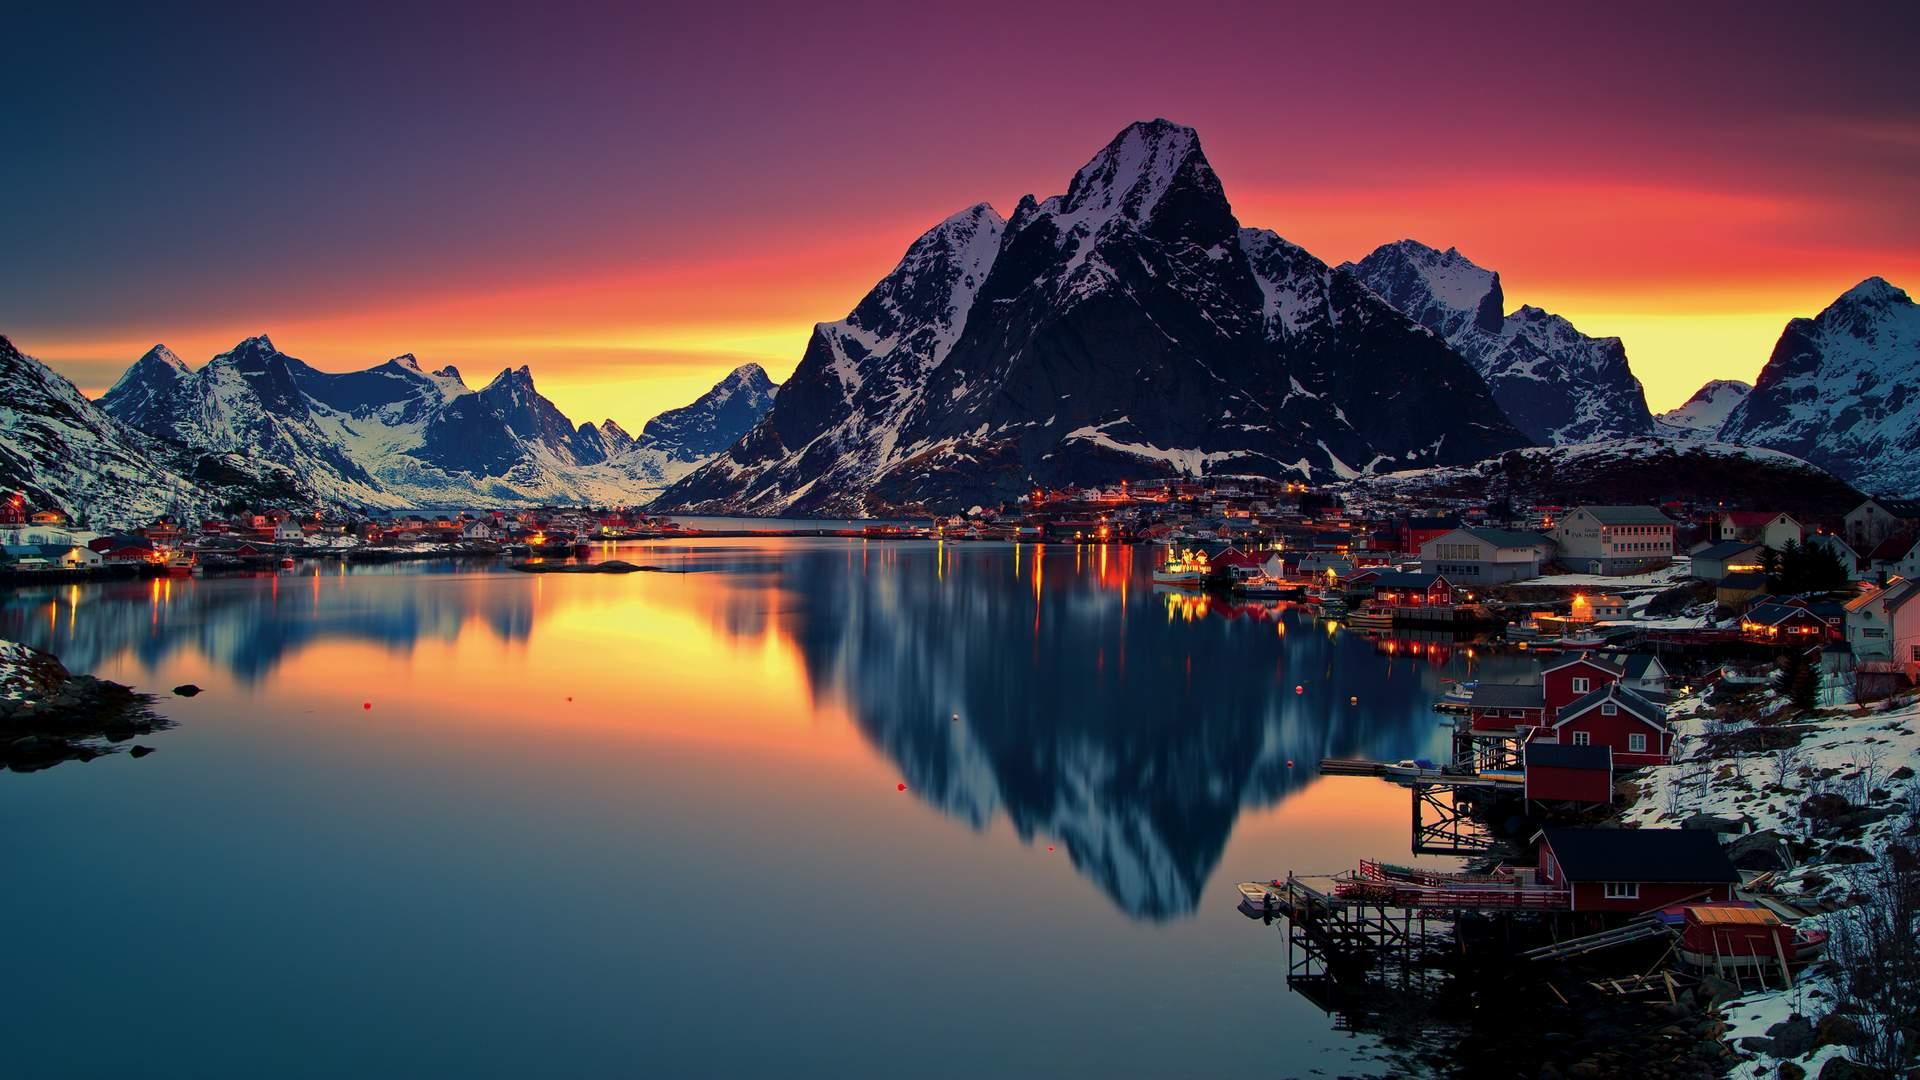 005746-christian-bothner-www-nordnorge-com-moskenes